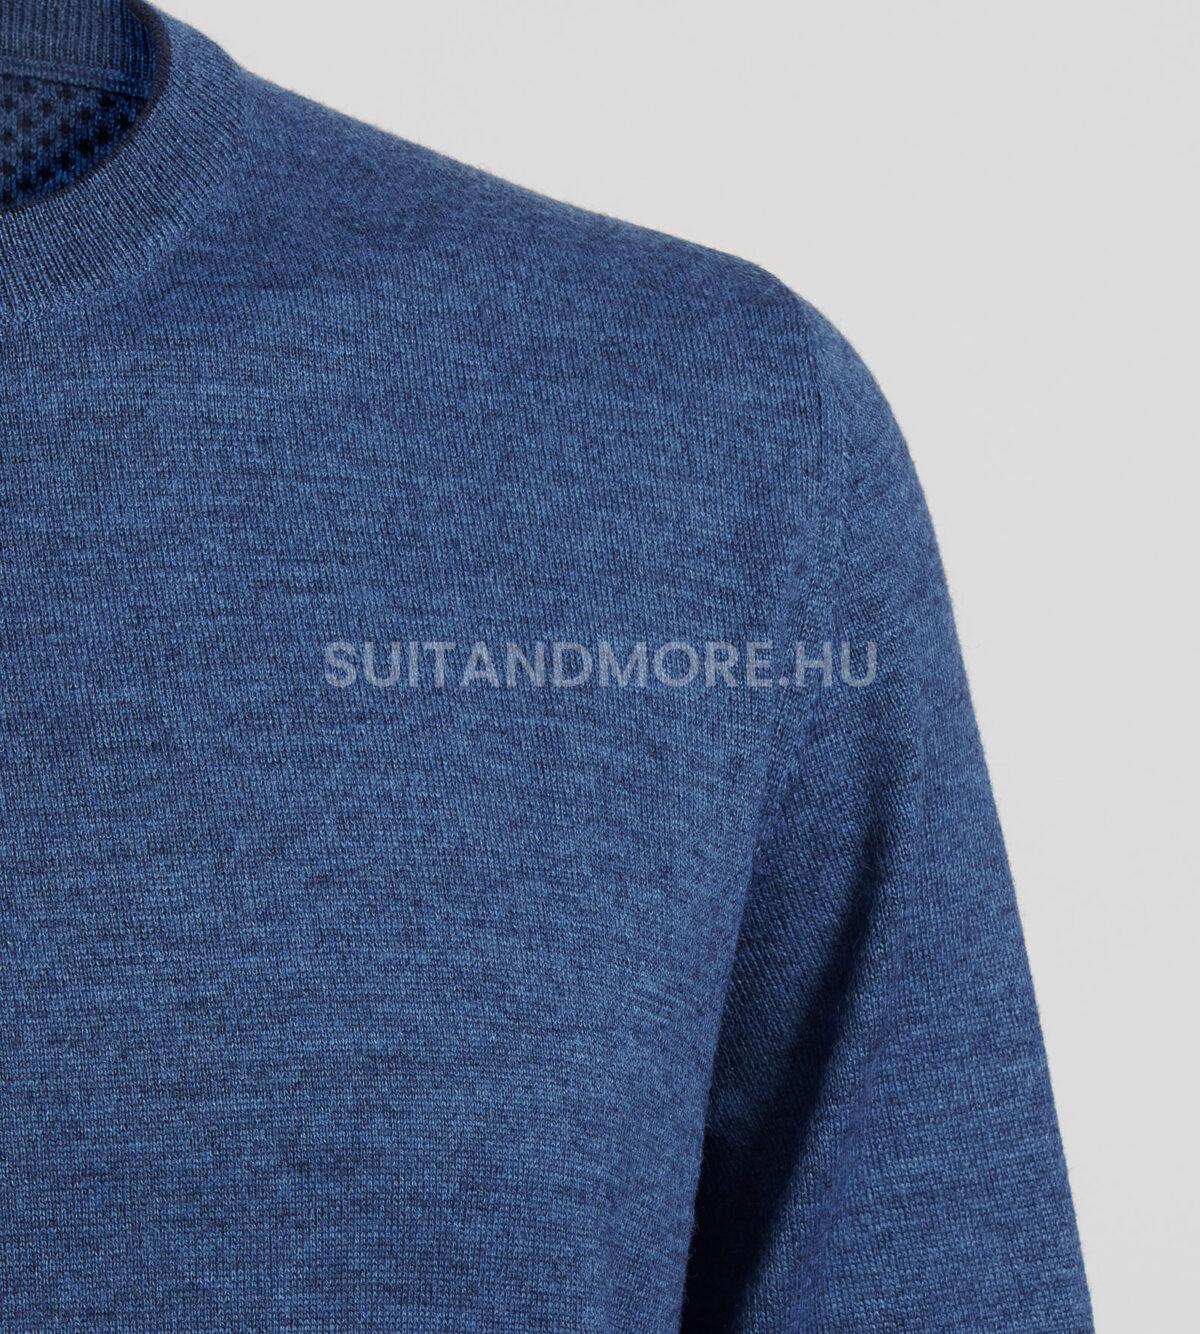 digel-kozepkek-modern-fit-kerek-nyaku-gyapju-pulover-faros1-1-1288009-22-02